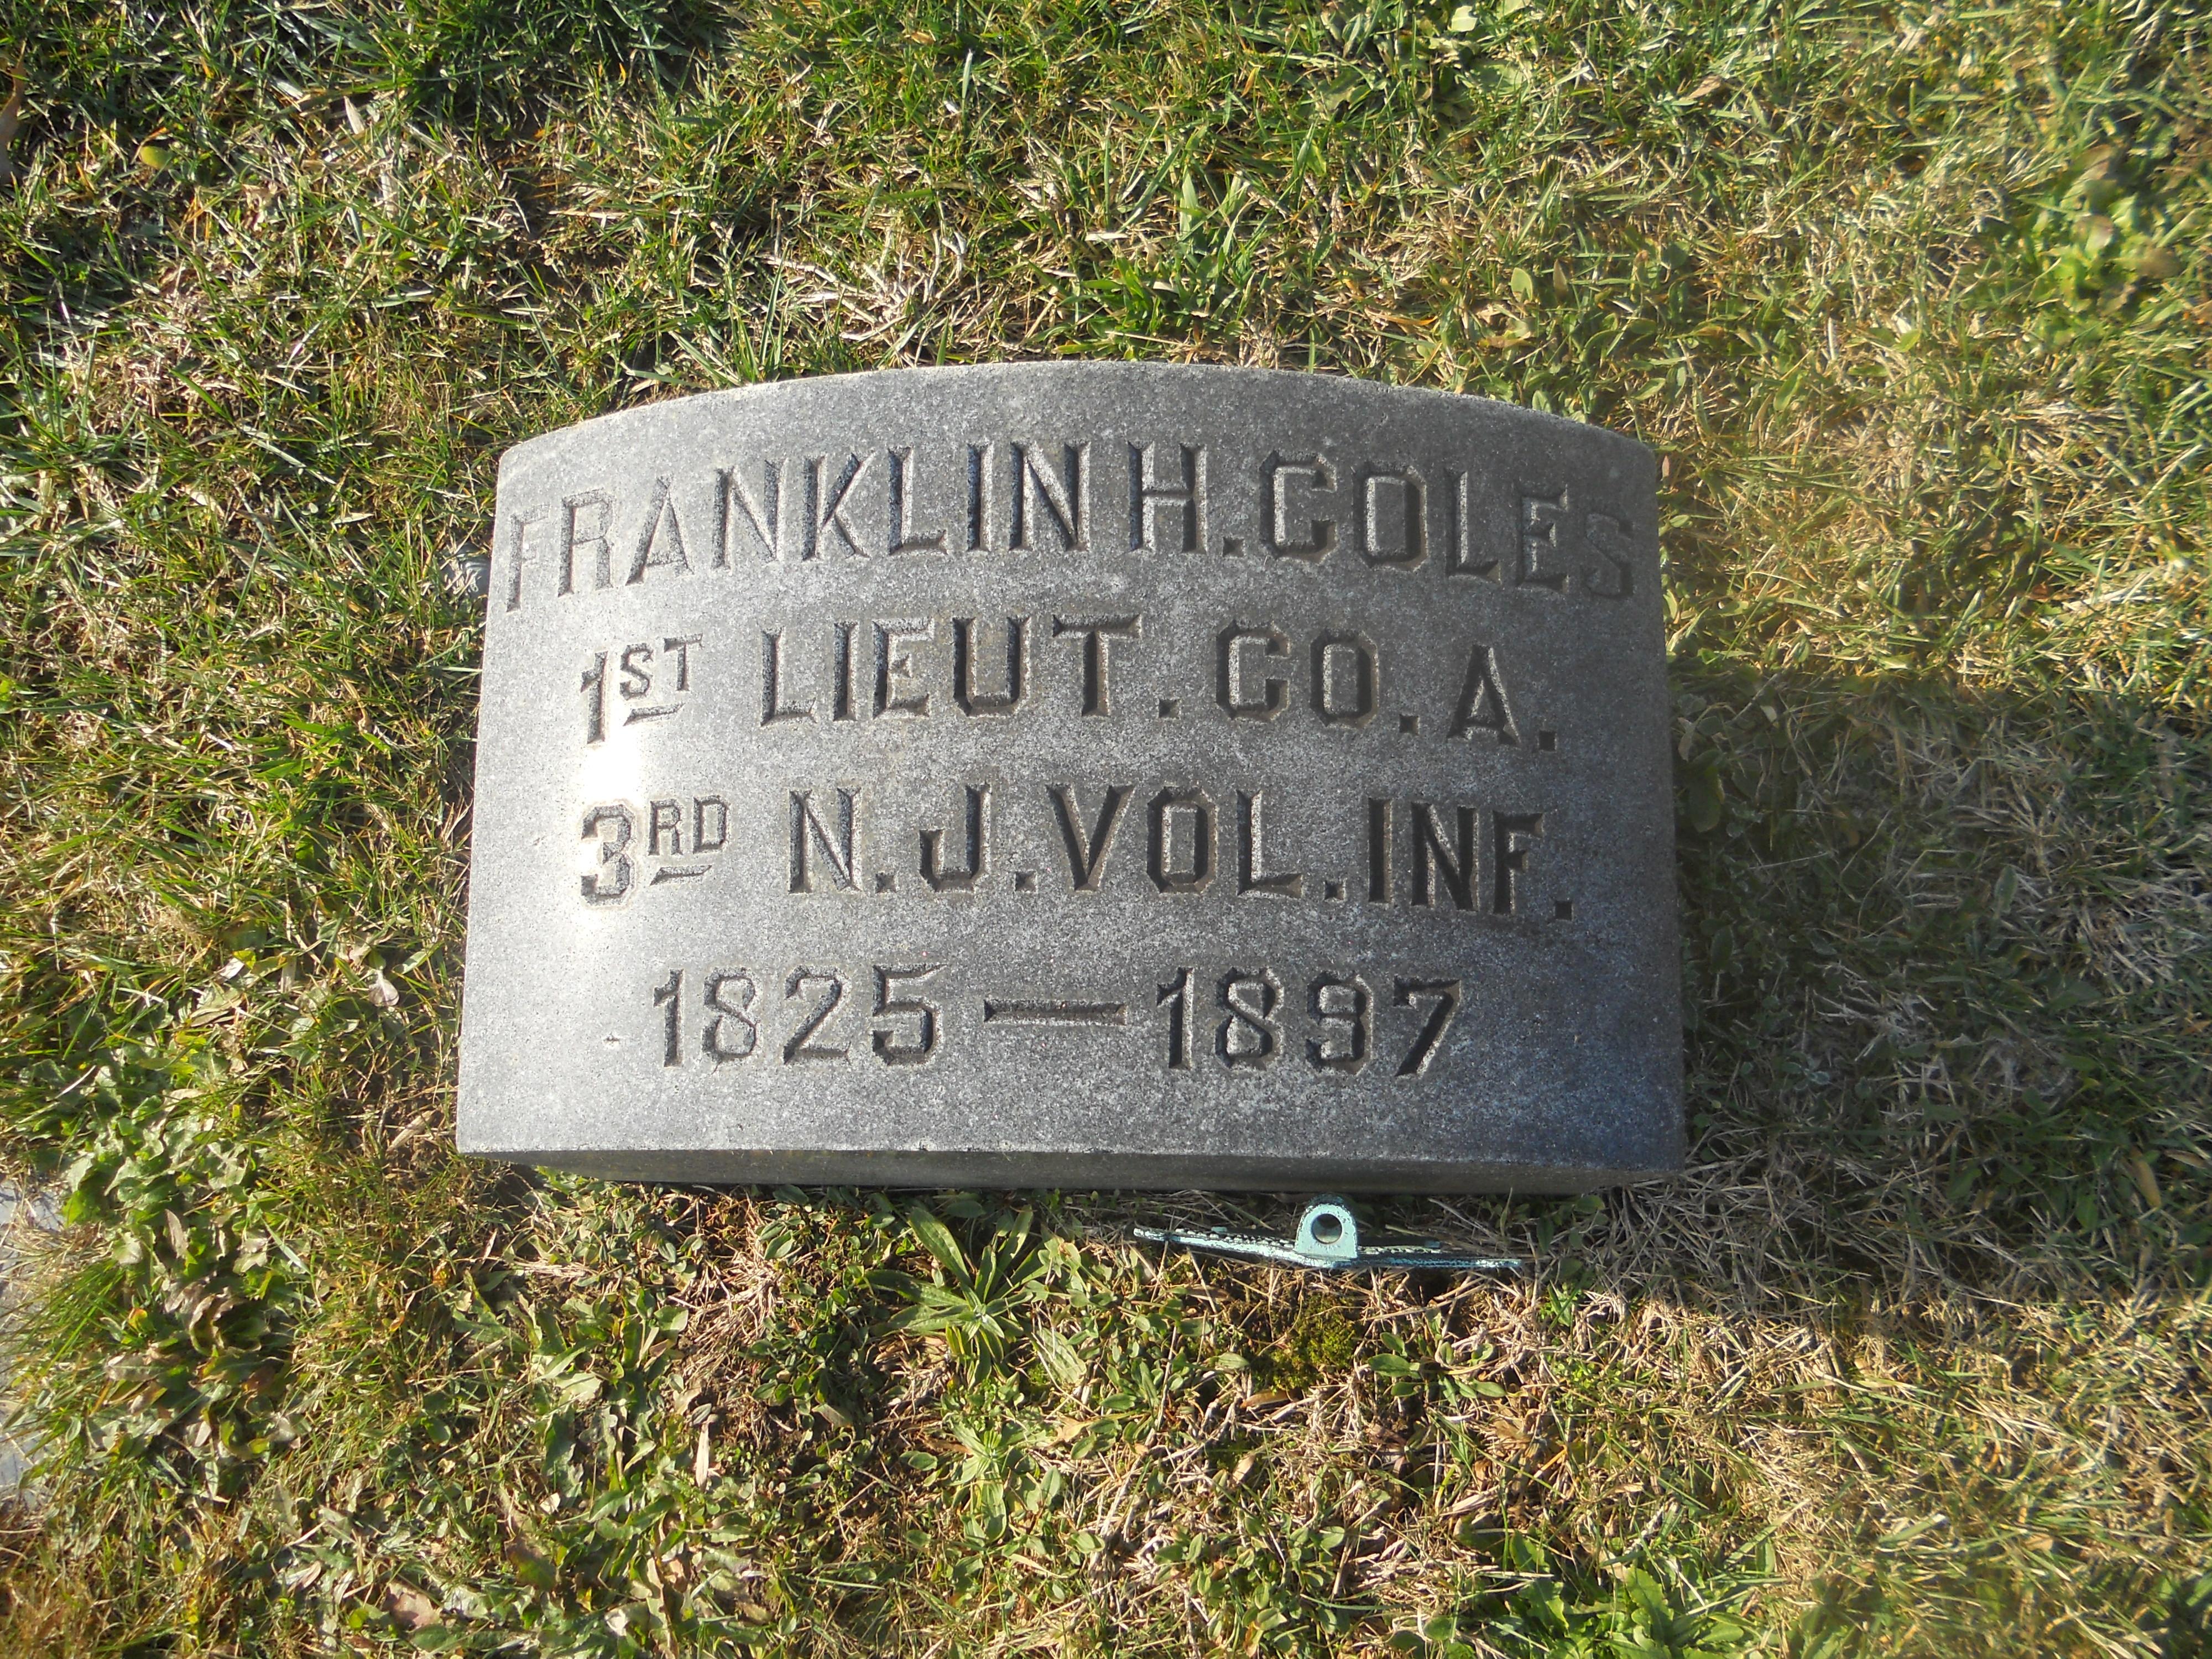 Lieut Franklin H. Coles